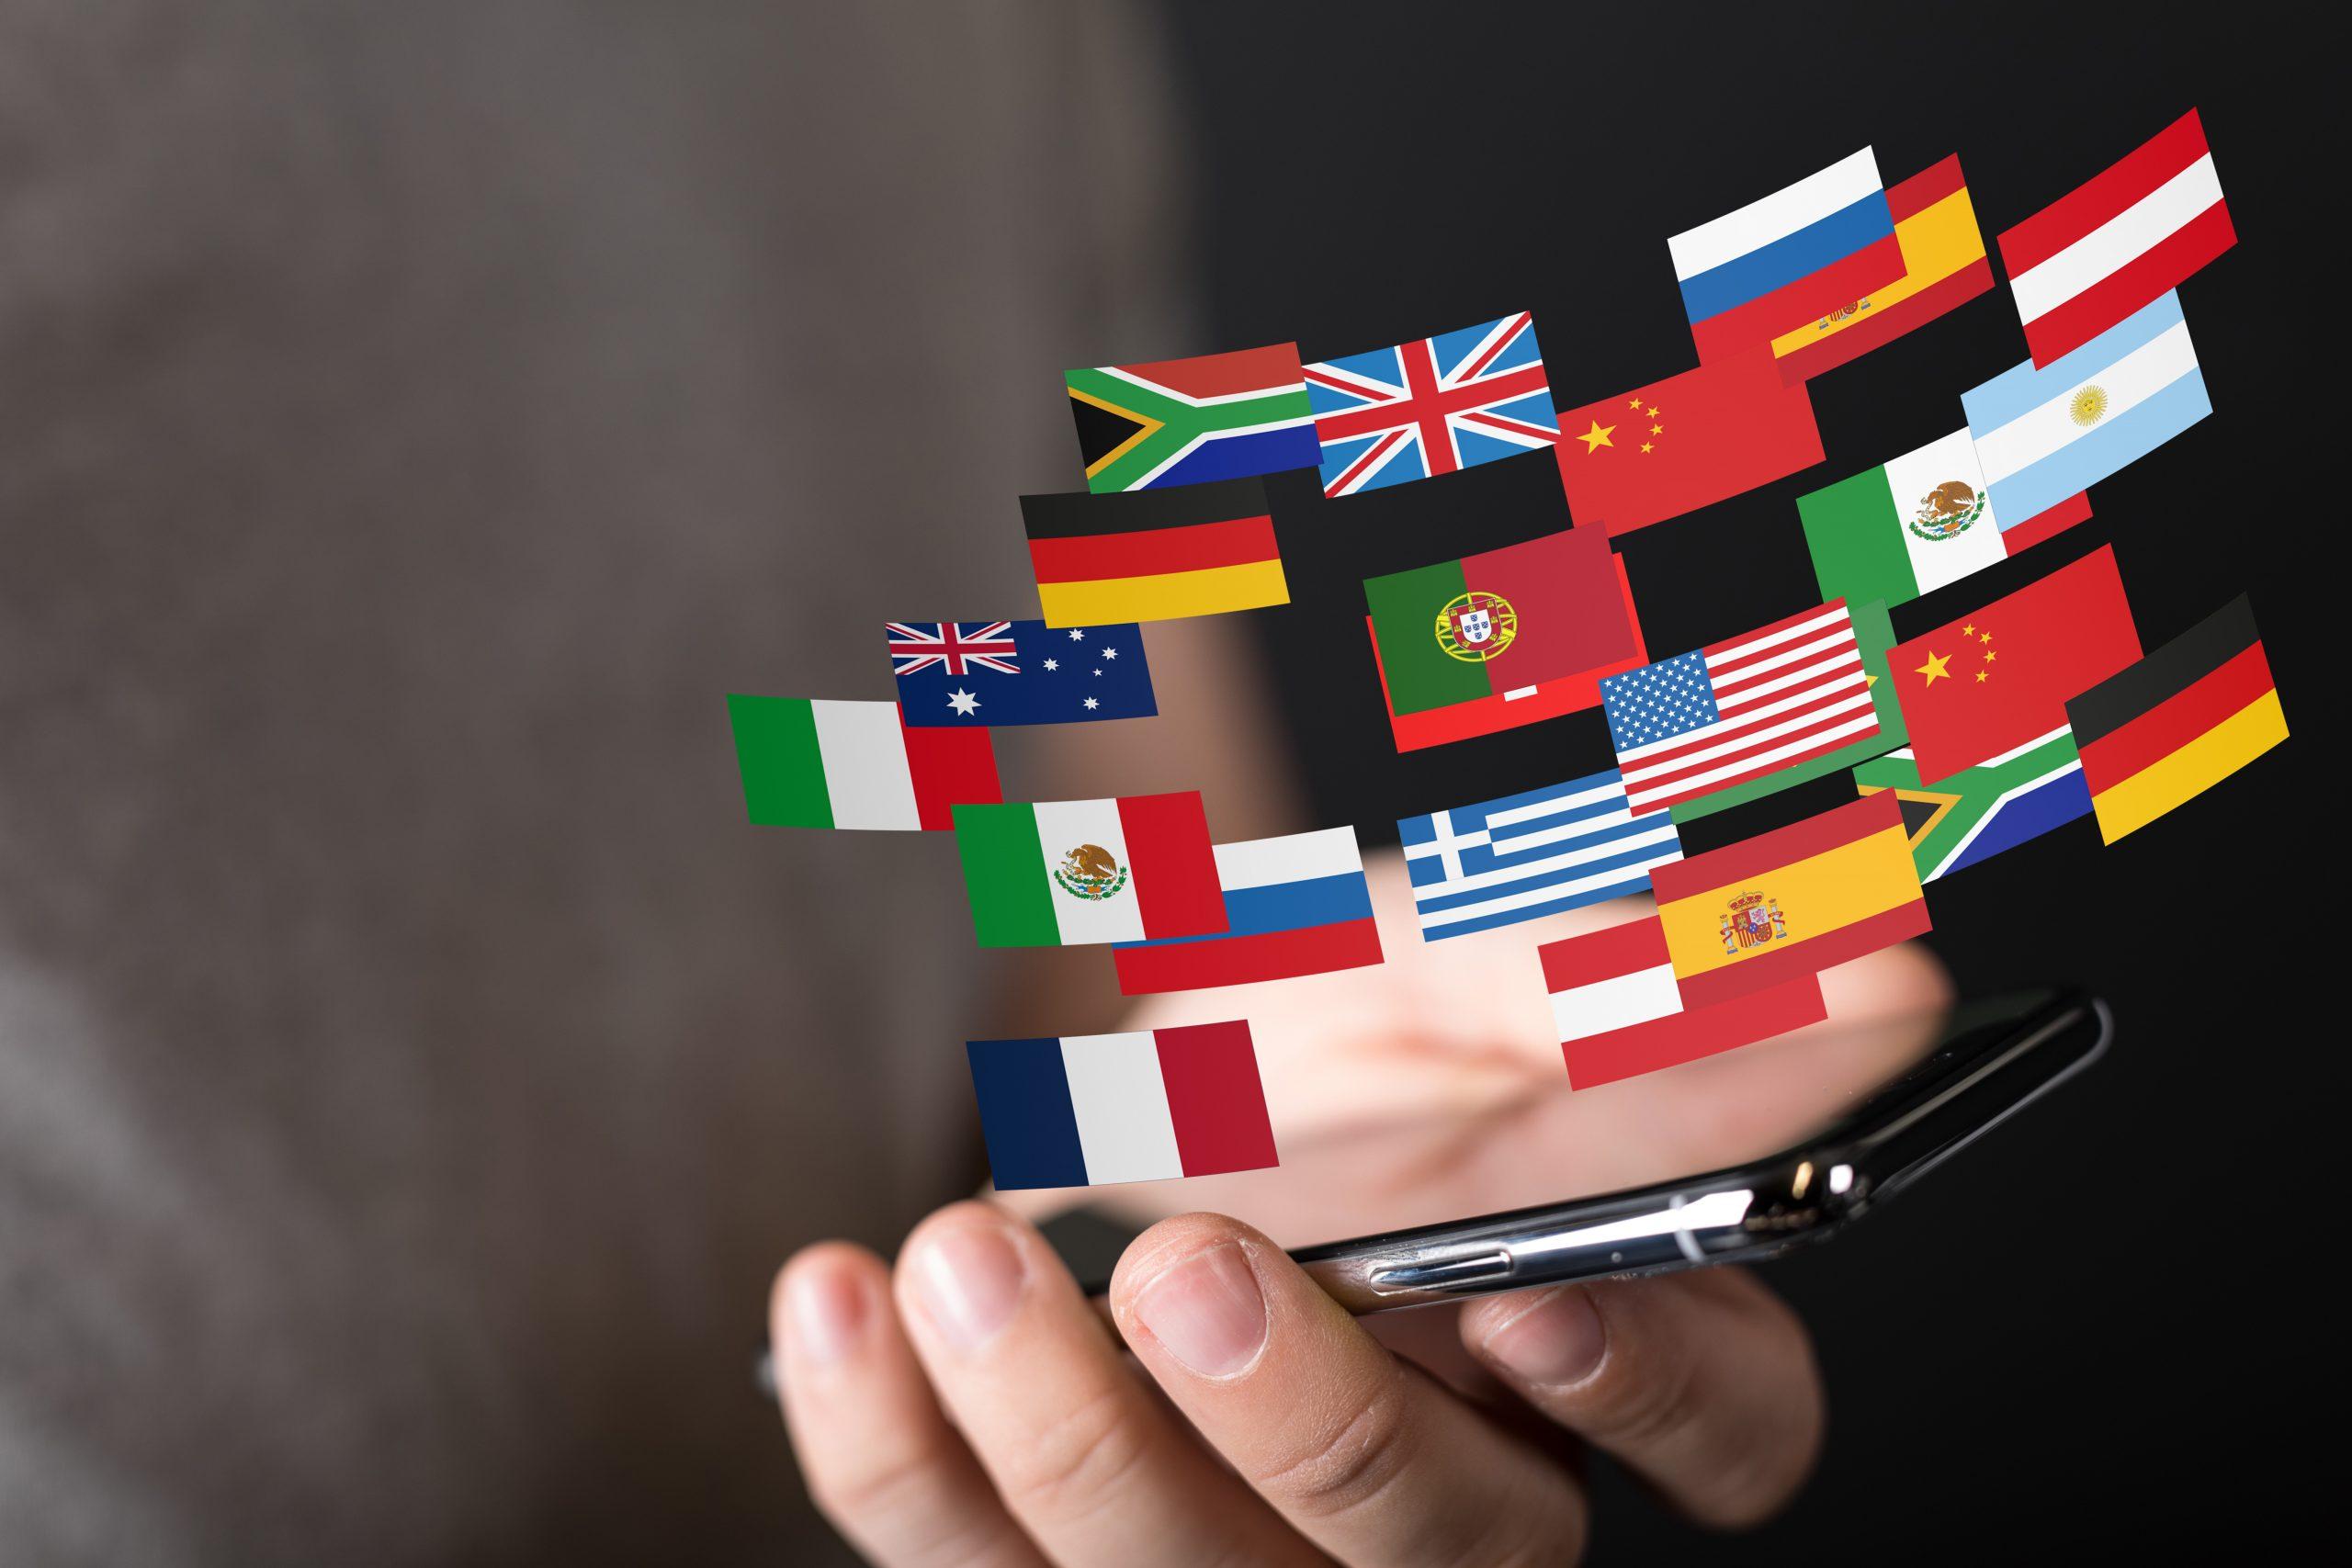 Sprache auf dem Handy auswählen